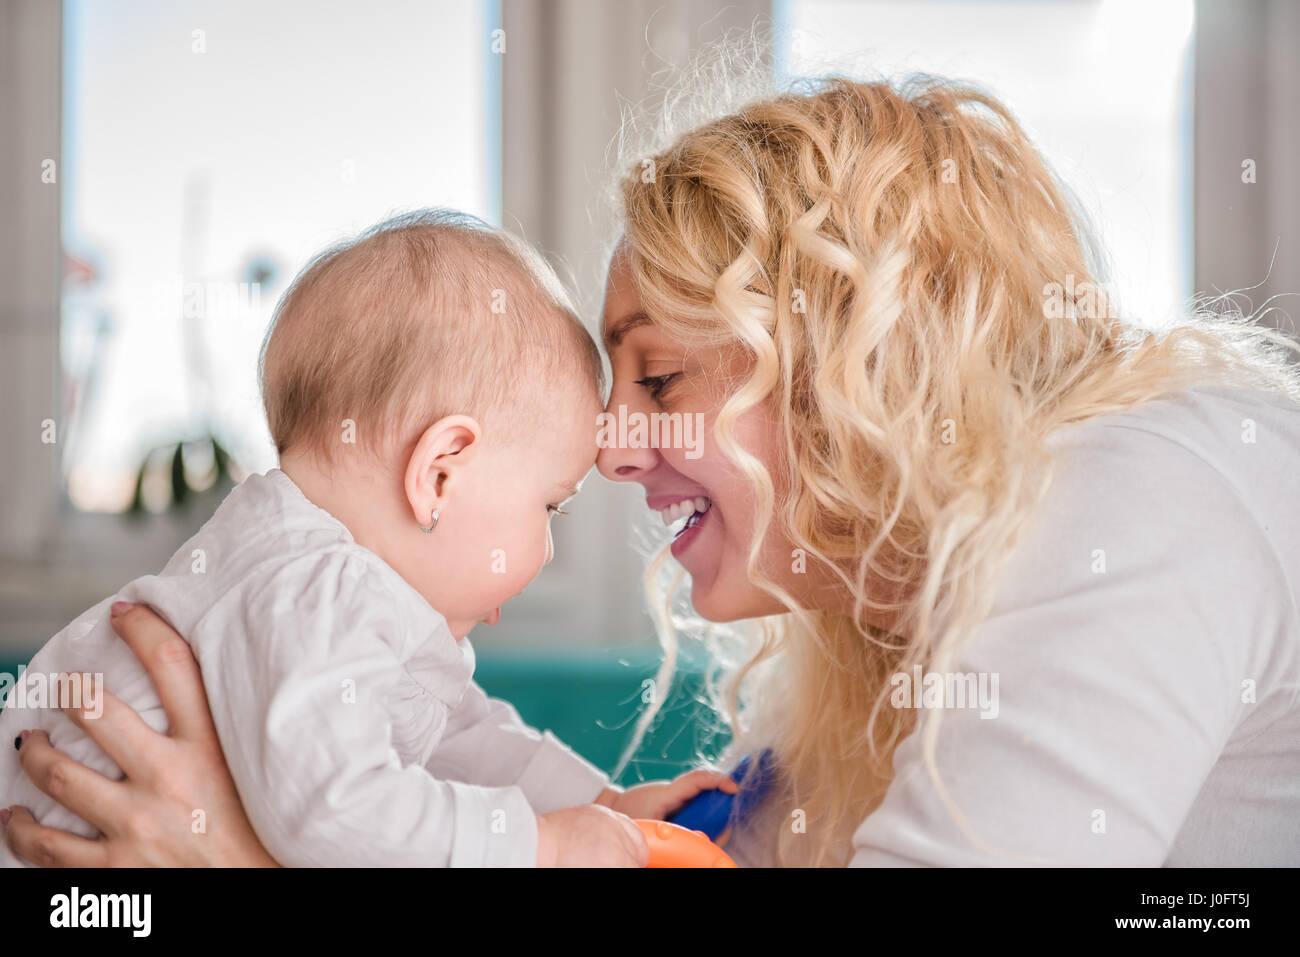 La mère et son bébé tête à tête de Photo Stock